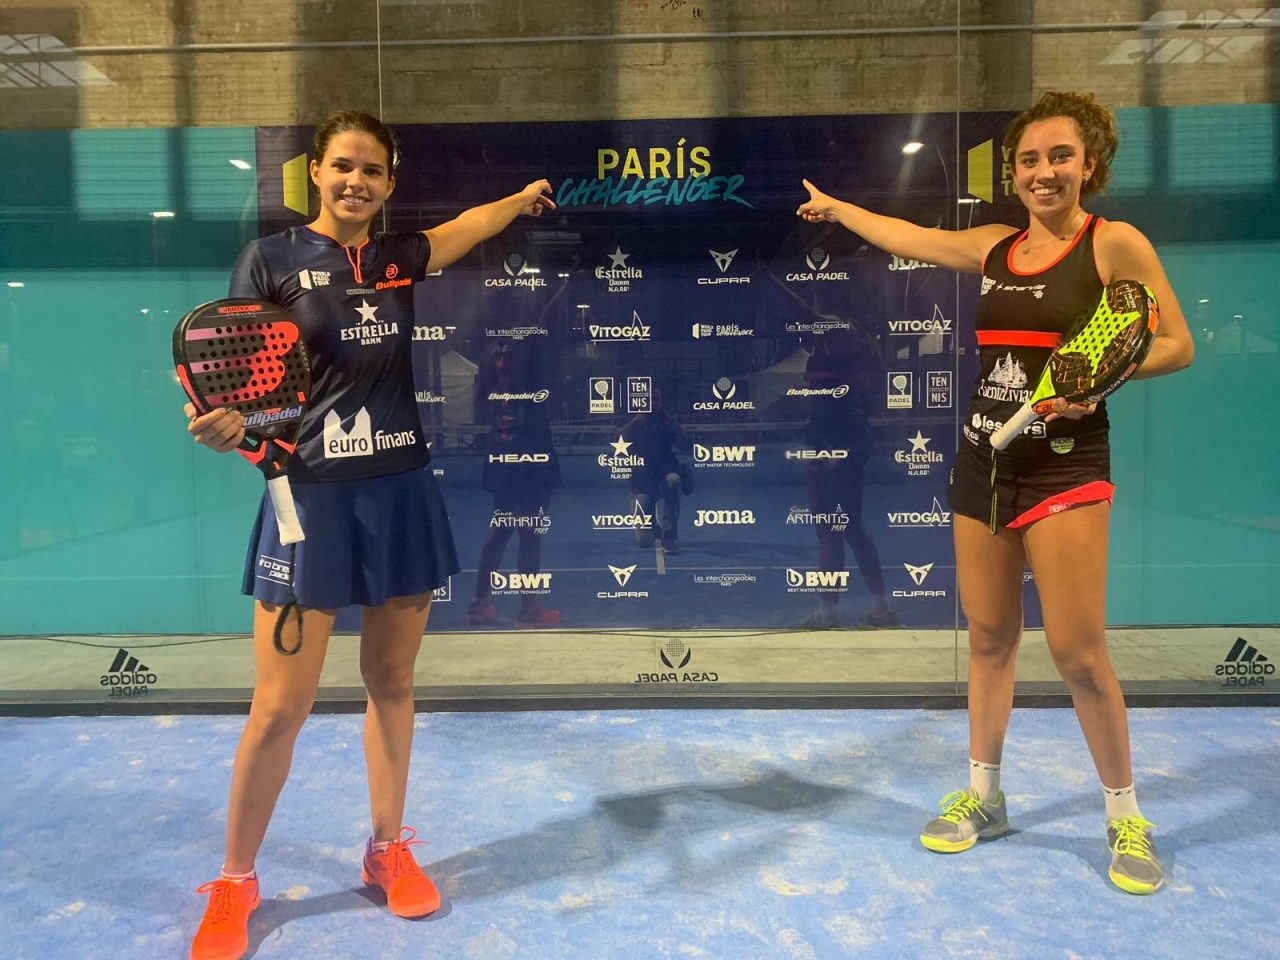 delfi brea bea gonzalez challenger paris world padel tour 2019